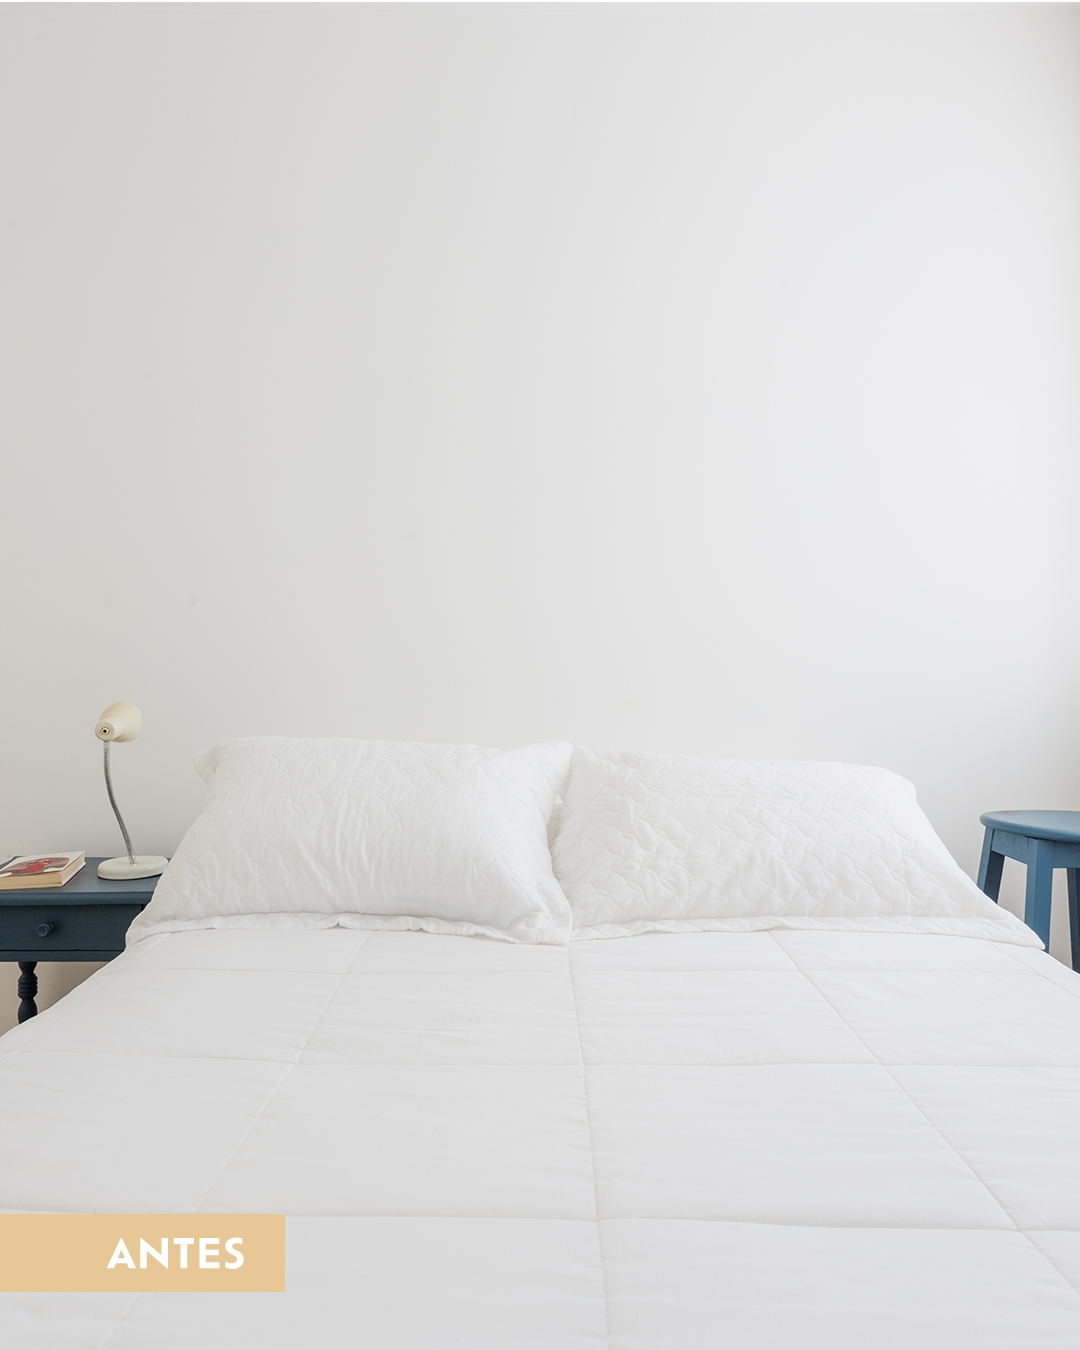 Foto do ambiente agora com uma cama e lençol brancos e almofadas com desenhos triangulares amarelos. Ao fundo, um círculo amarelo pintado na cor Nimbus simulando uma cabeceira, com prateleira e quadros pendurados.